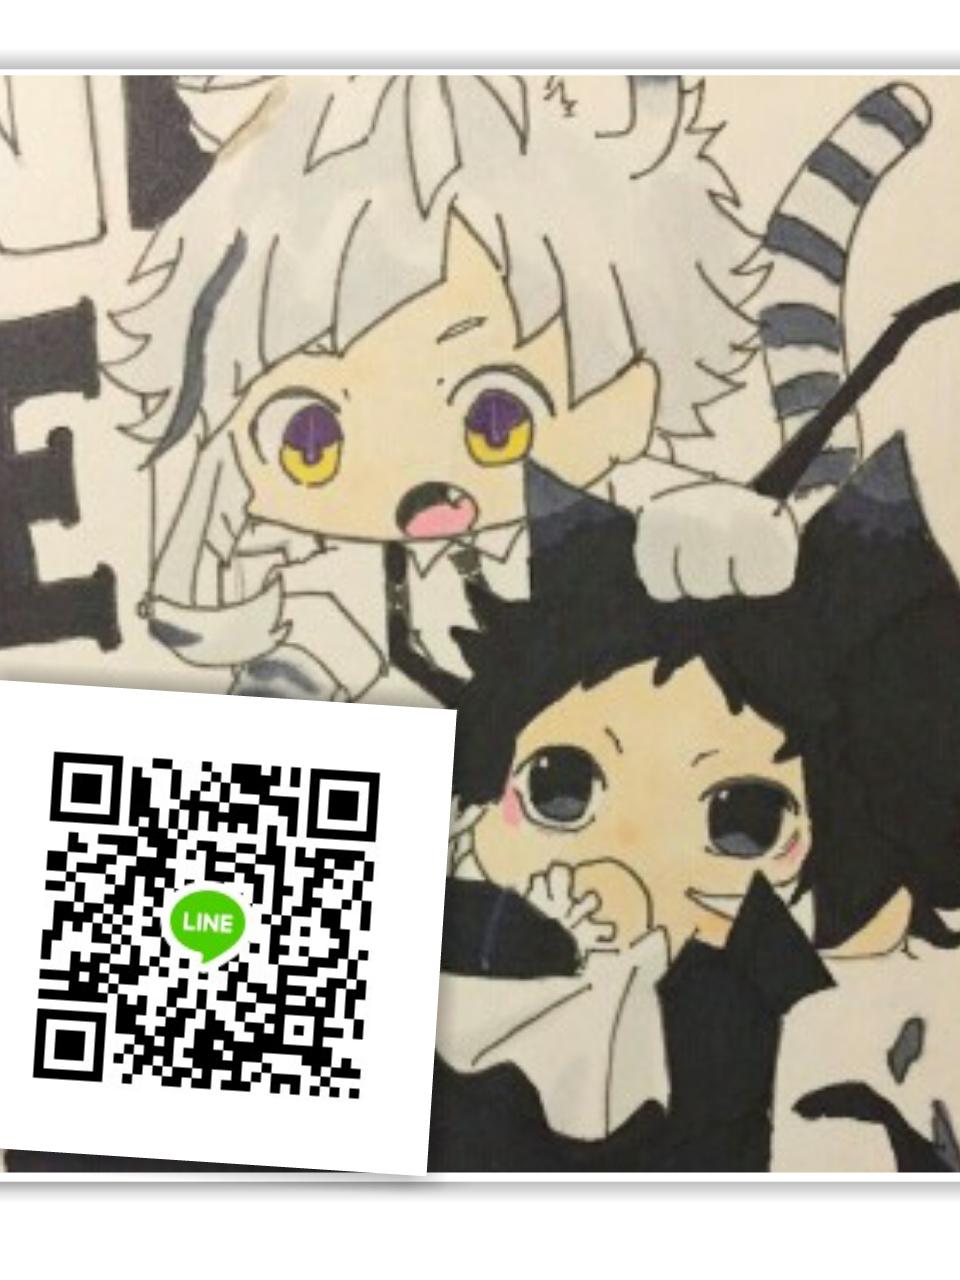 千夏さんのLINE QRコード